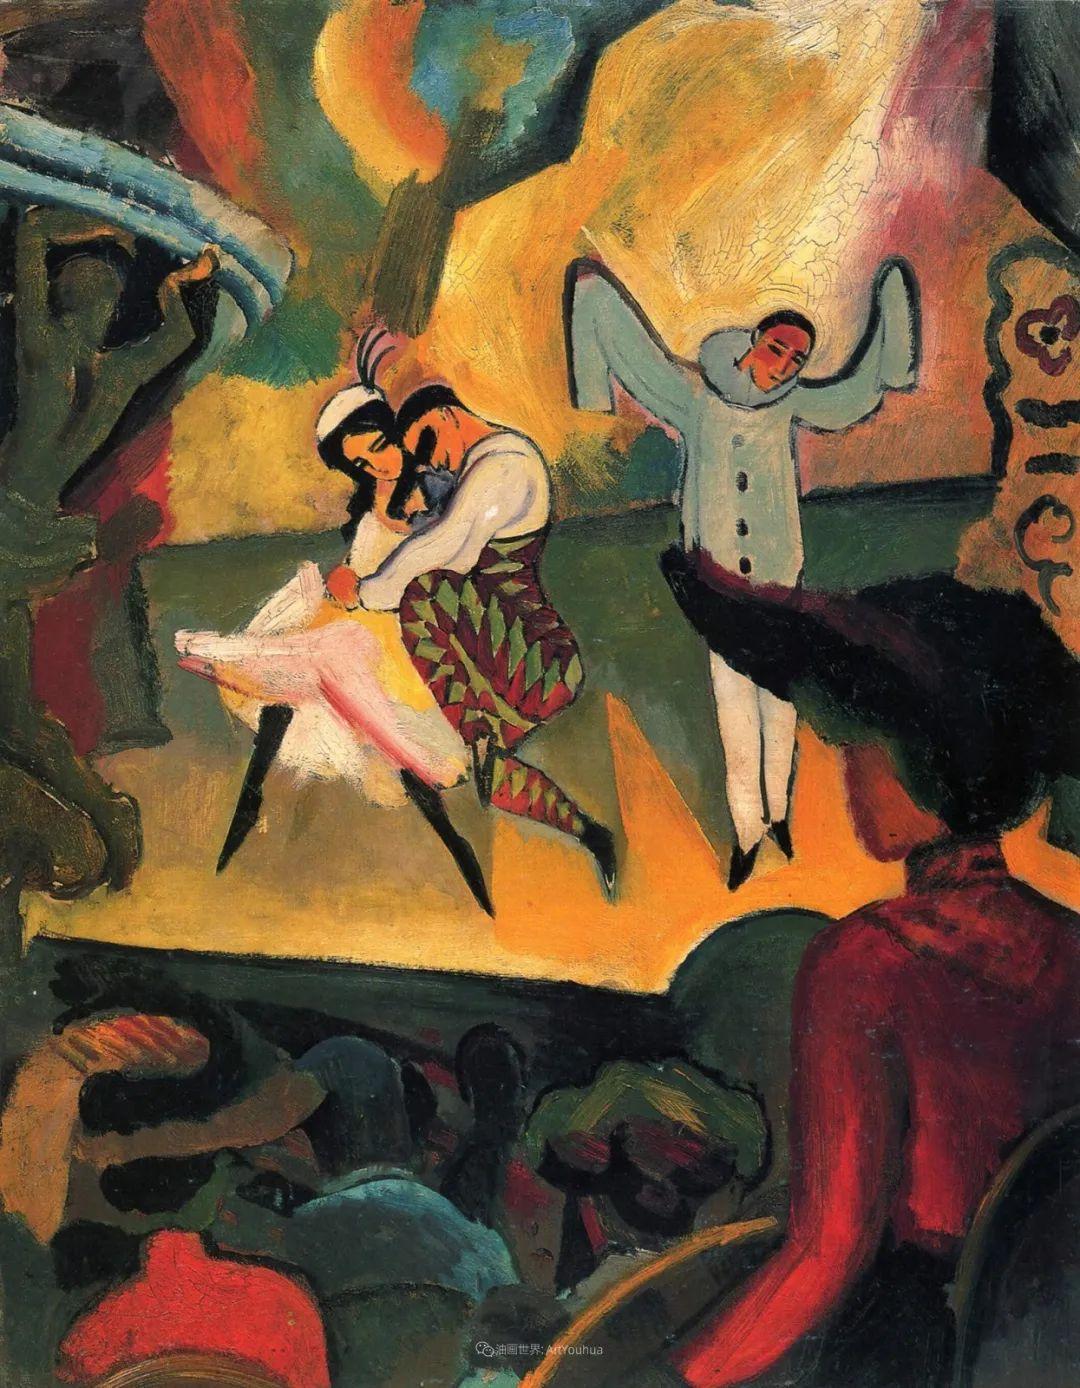 画面色彩的力量,德国表现主义画家奥古斯特·马克插图111